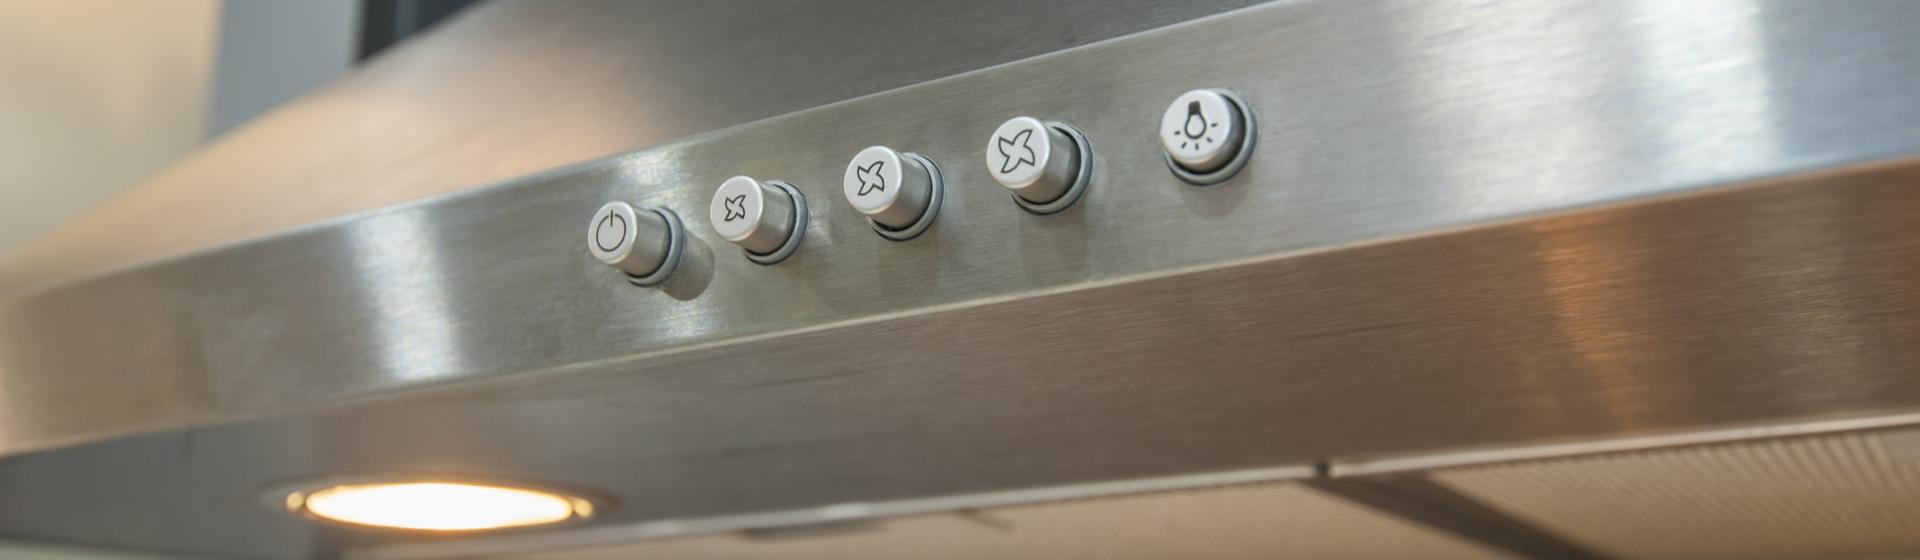 Depurador de ar Suggar é bom? Veja 6 das melhores opções em 2020